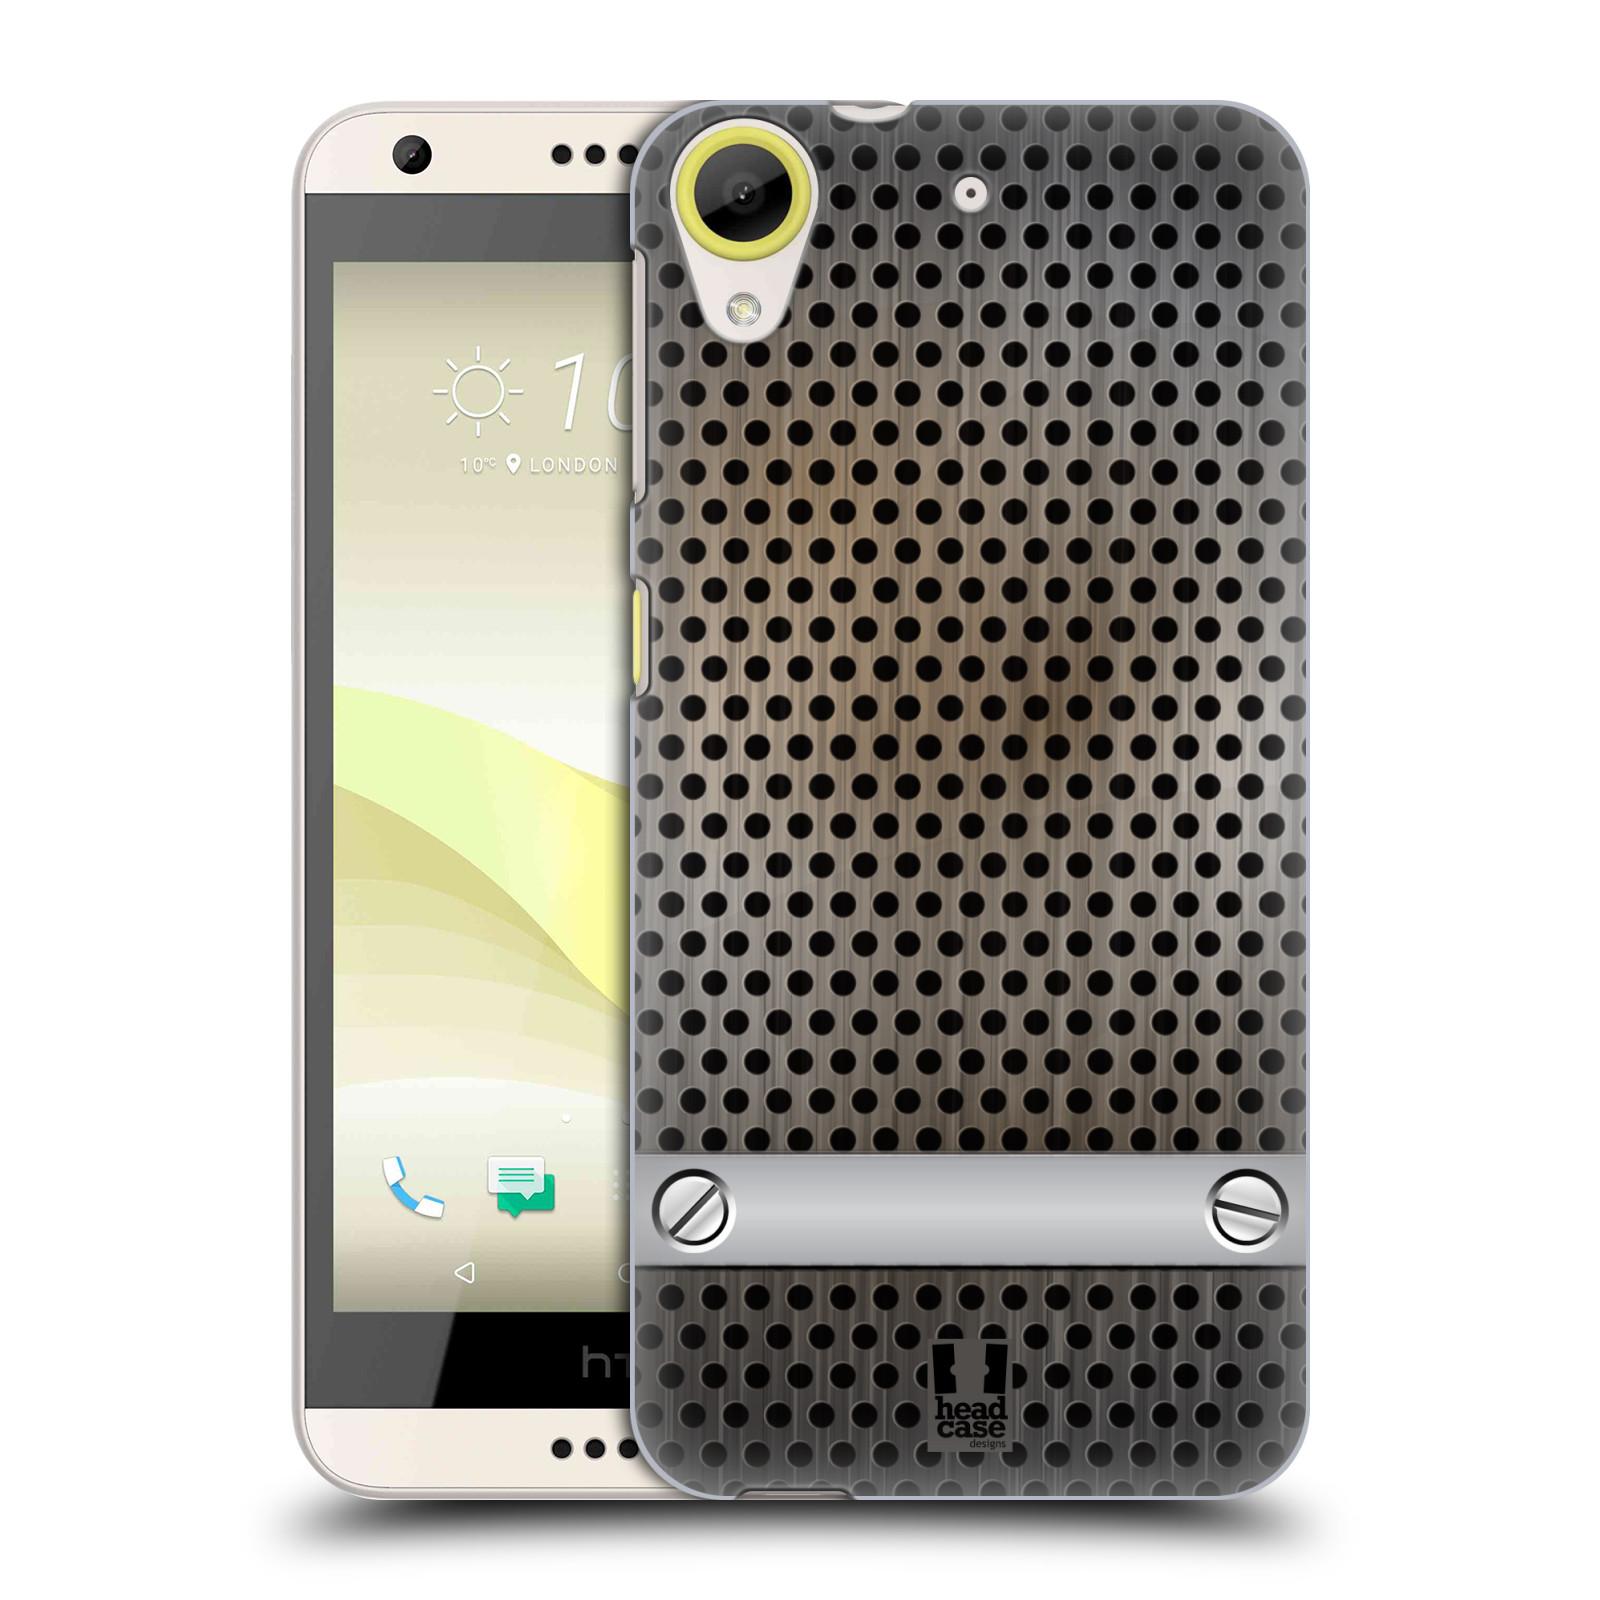 HEAD-CASE-DESIGNS-TEXTURES-INDUSTRIELLES-ETUI-COQUE-POUR-HTC-DESIRE-650